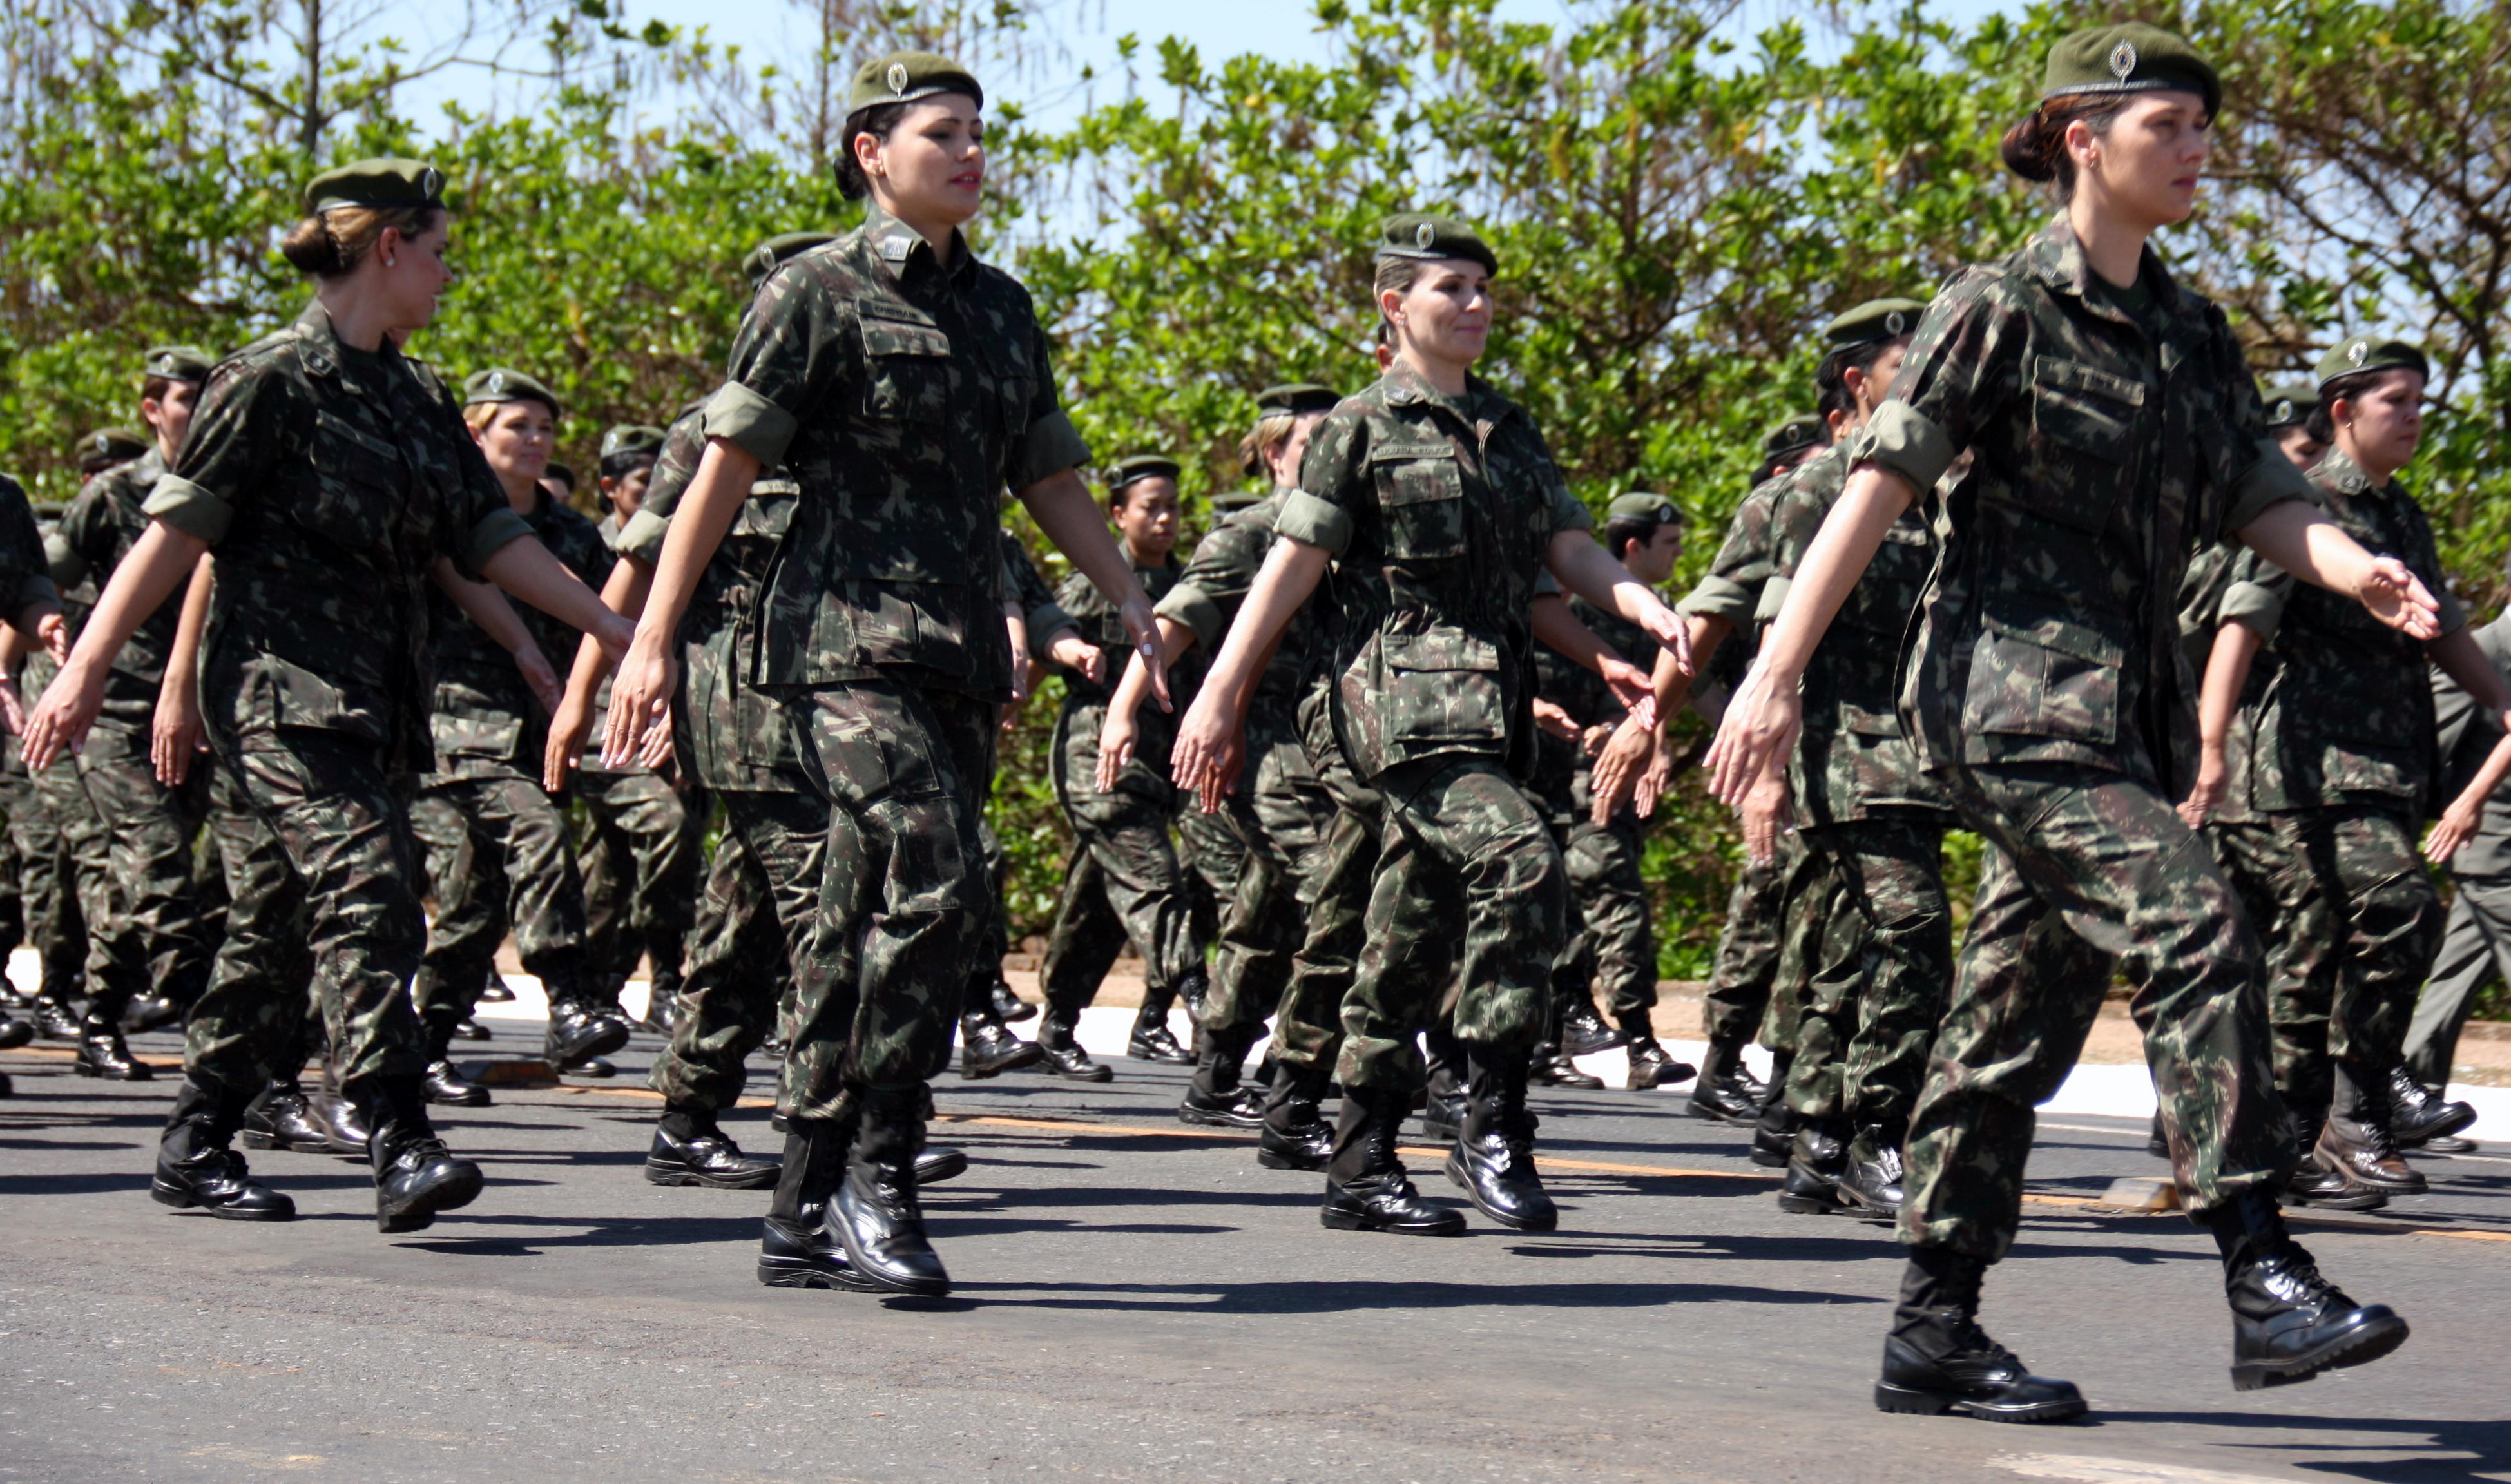 Entenda a proposta de previdência do exército